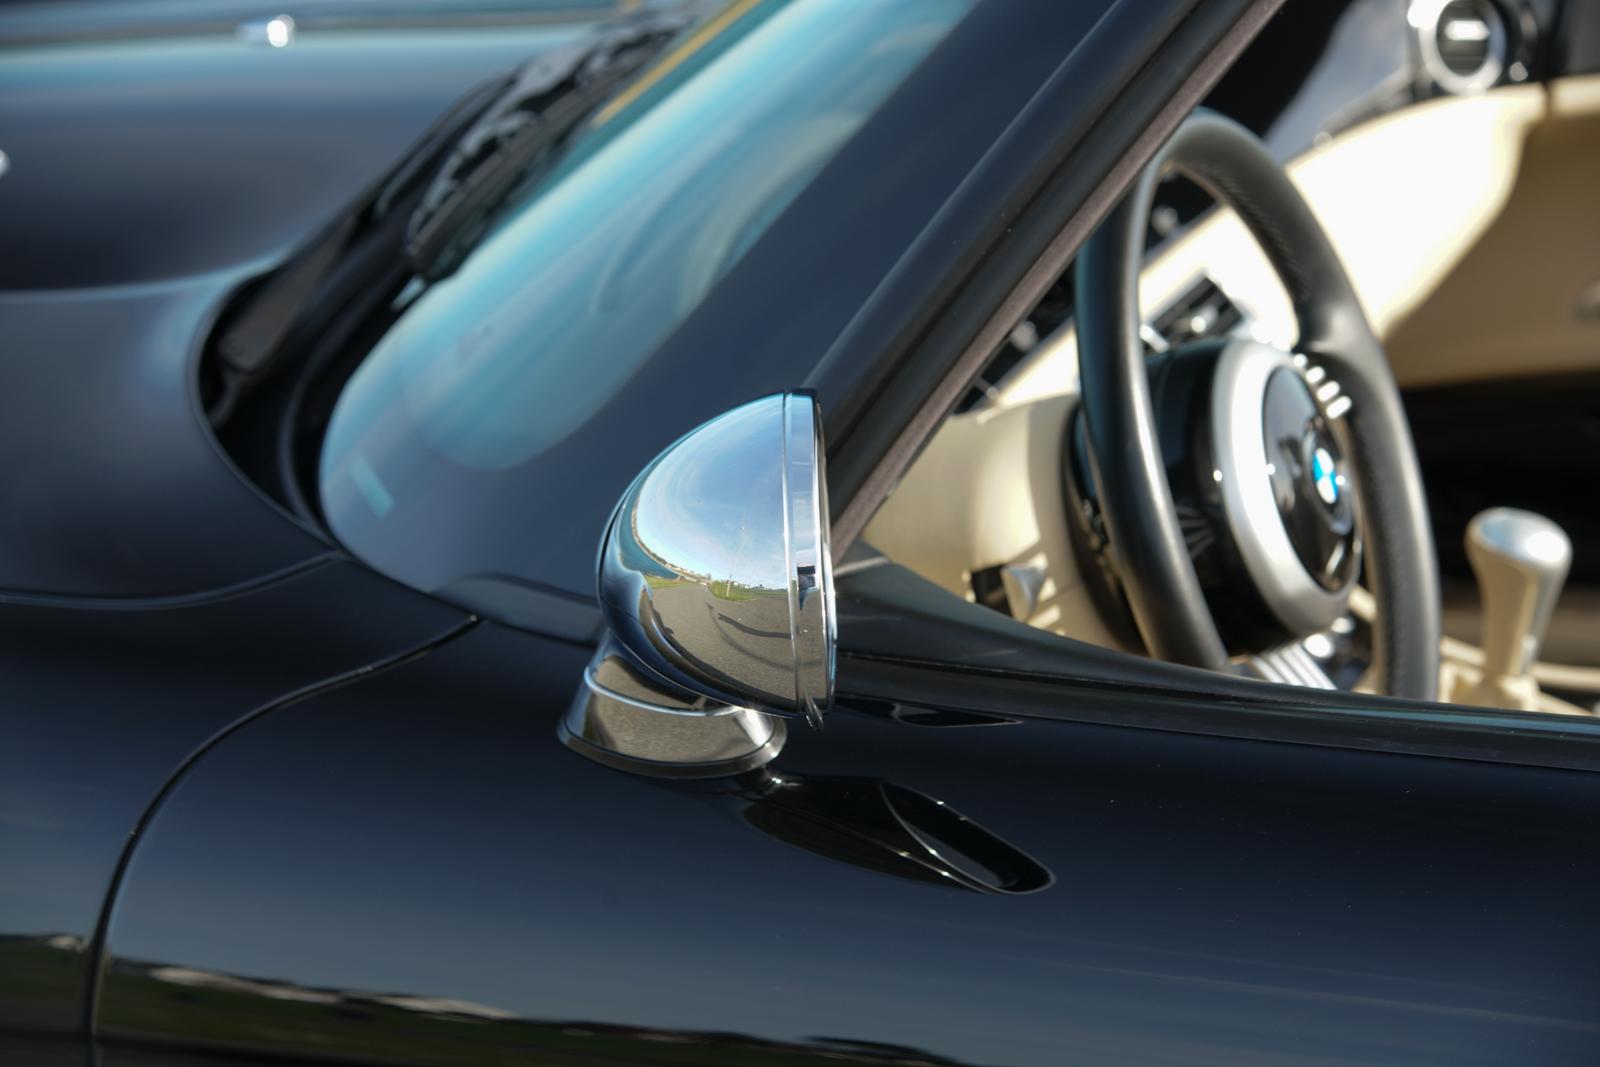 2000 Bmw Z8 Roadster Silver Arrow Cars Ltd